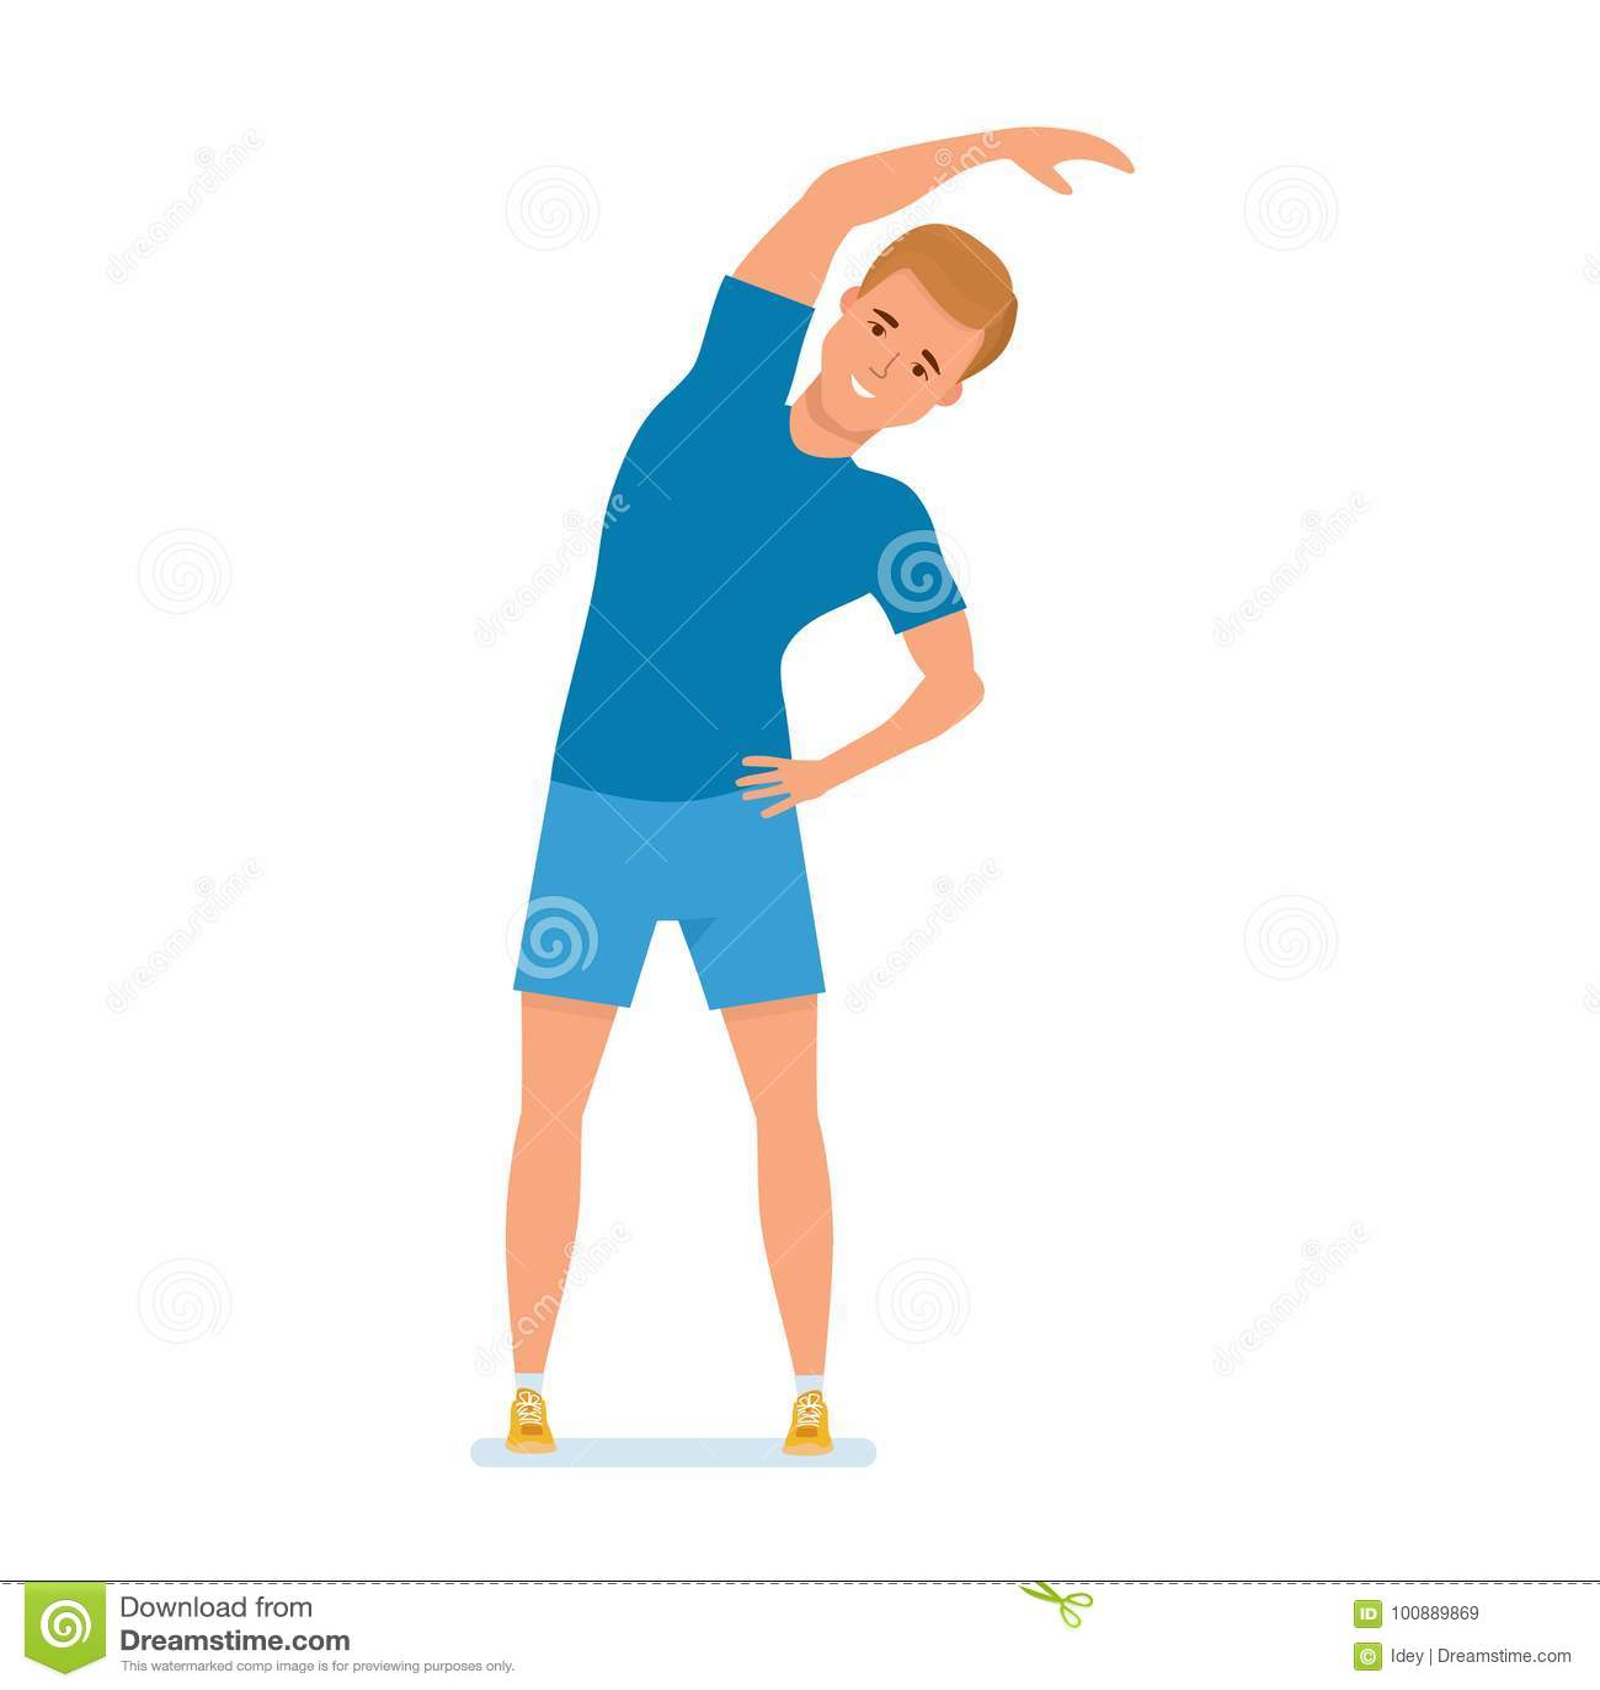 Ejercicios de entrenamiento para atletismo